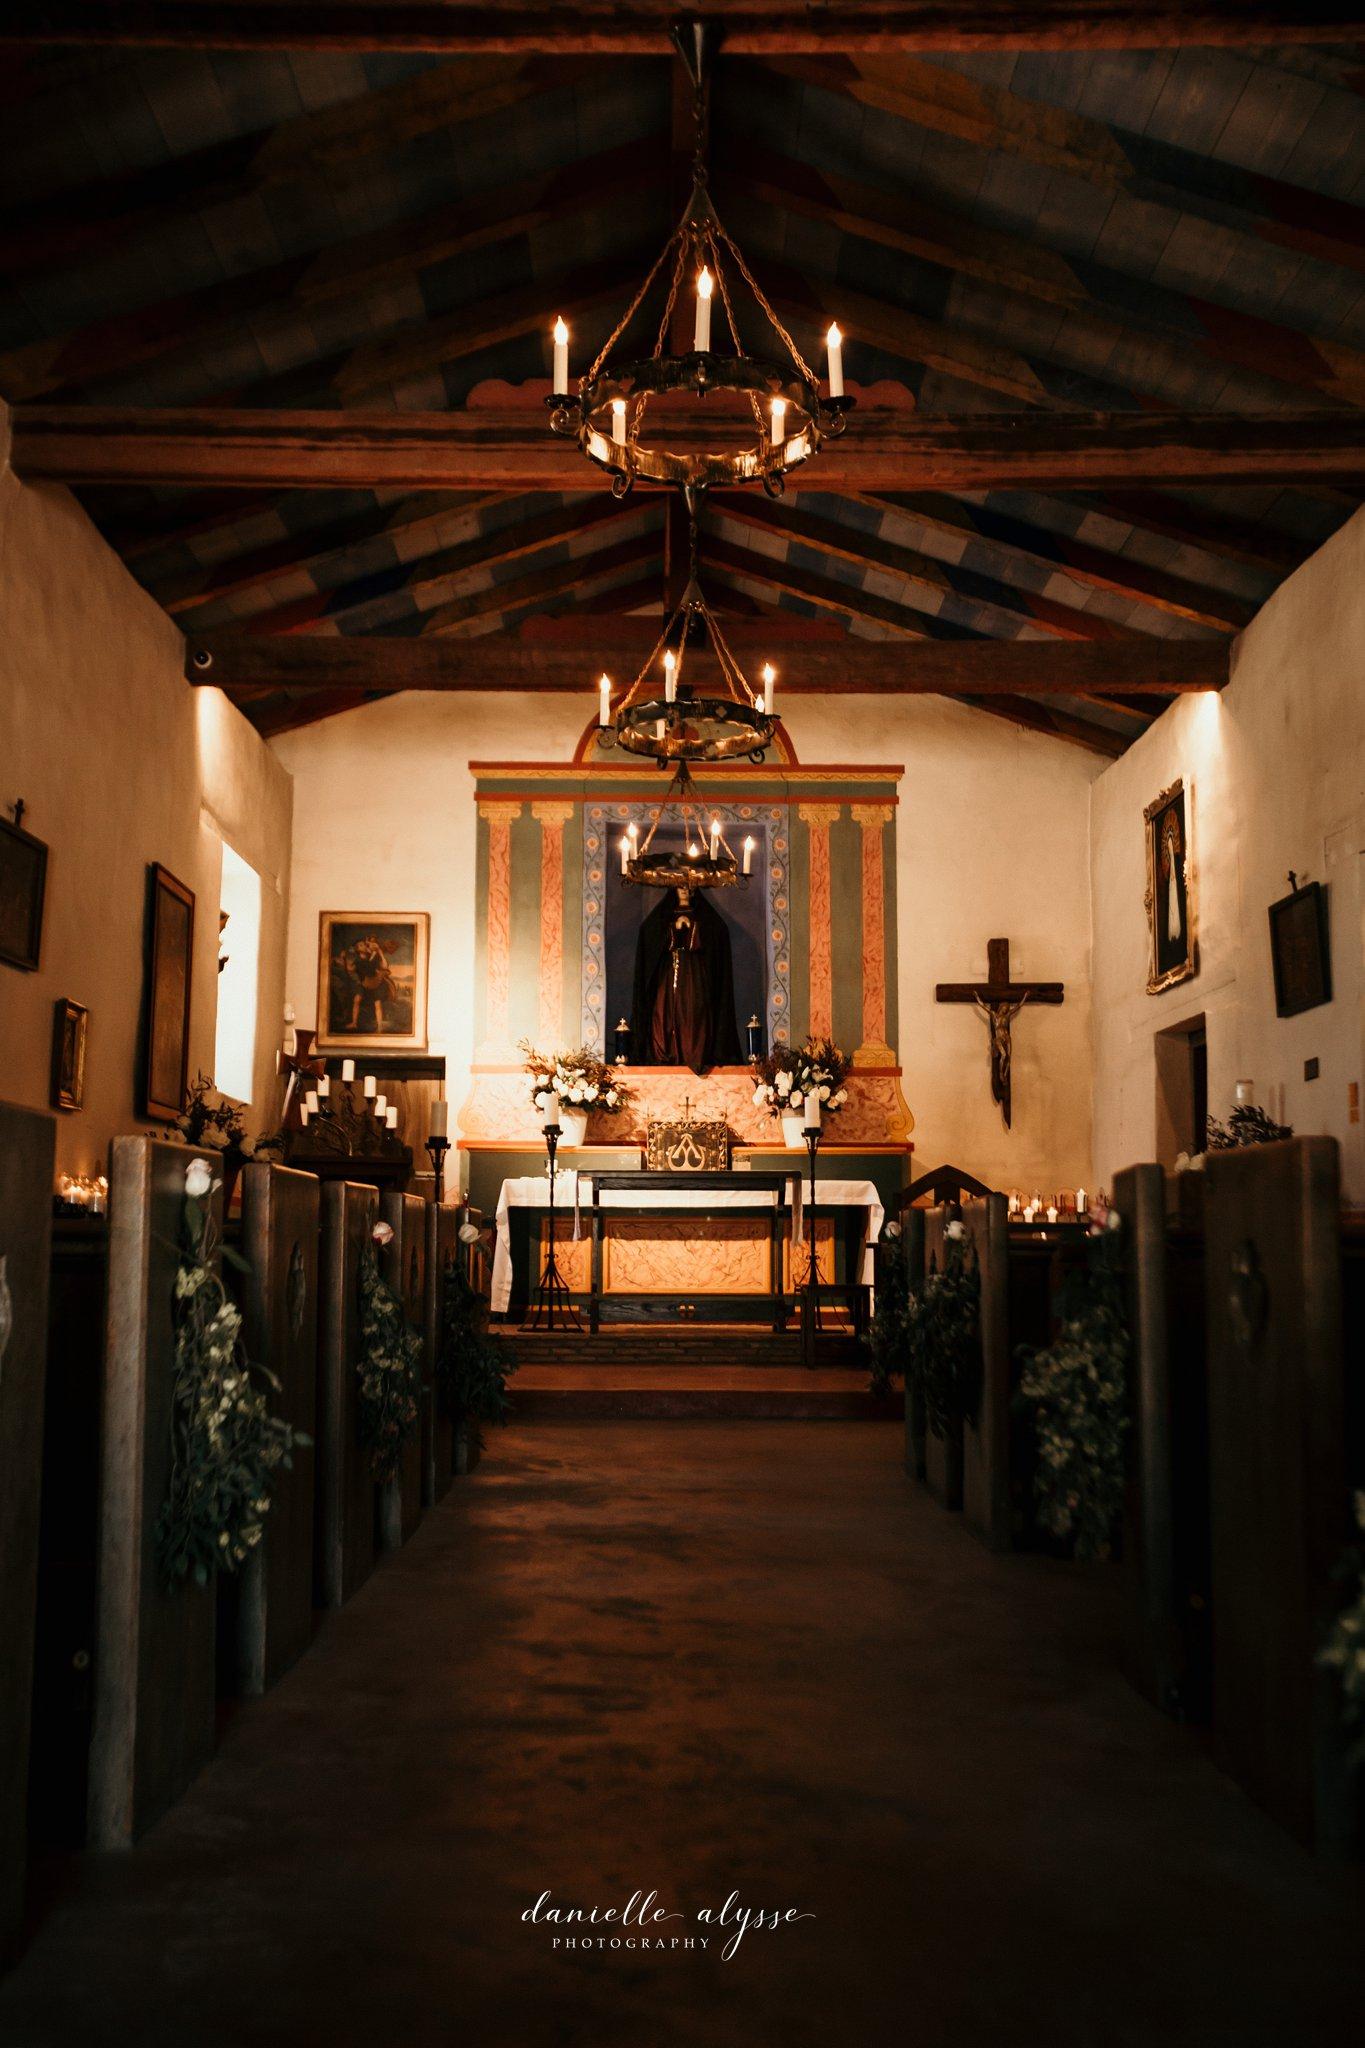 180630_wedding_lily_ryan_mission_soledad_california_danielle_alysse_photography_blog_93_WEB.jpg